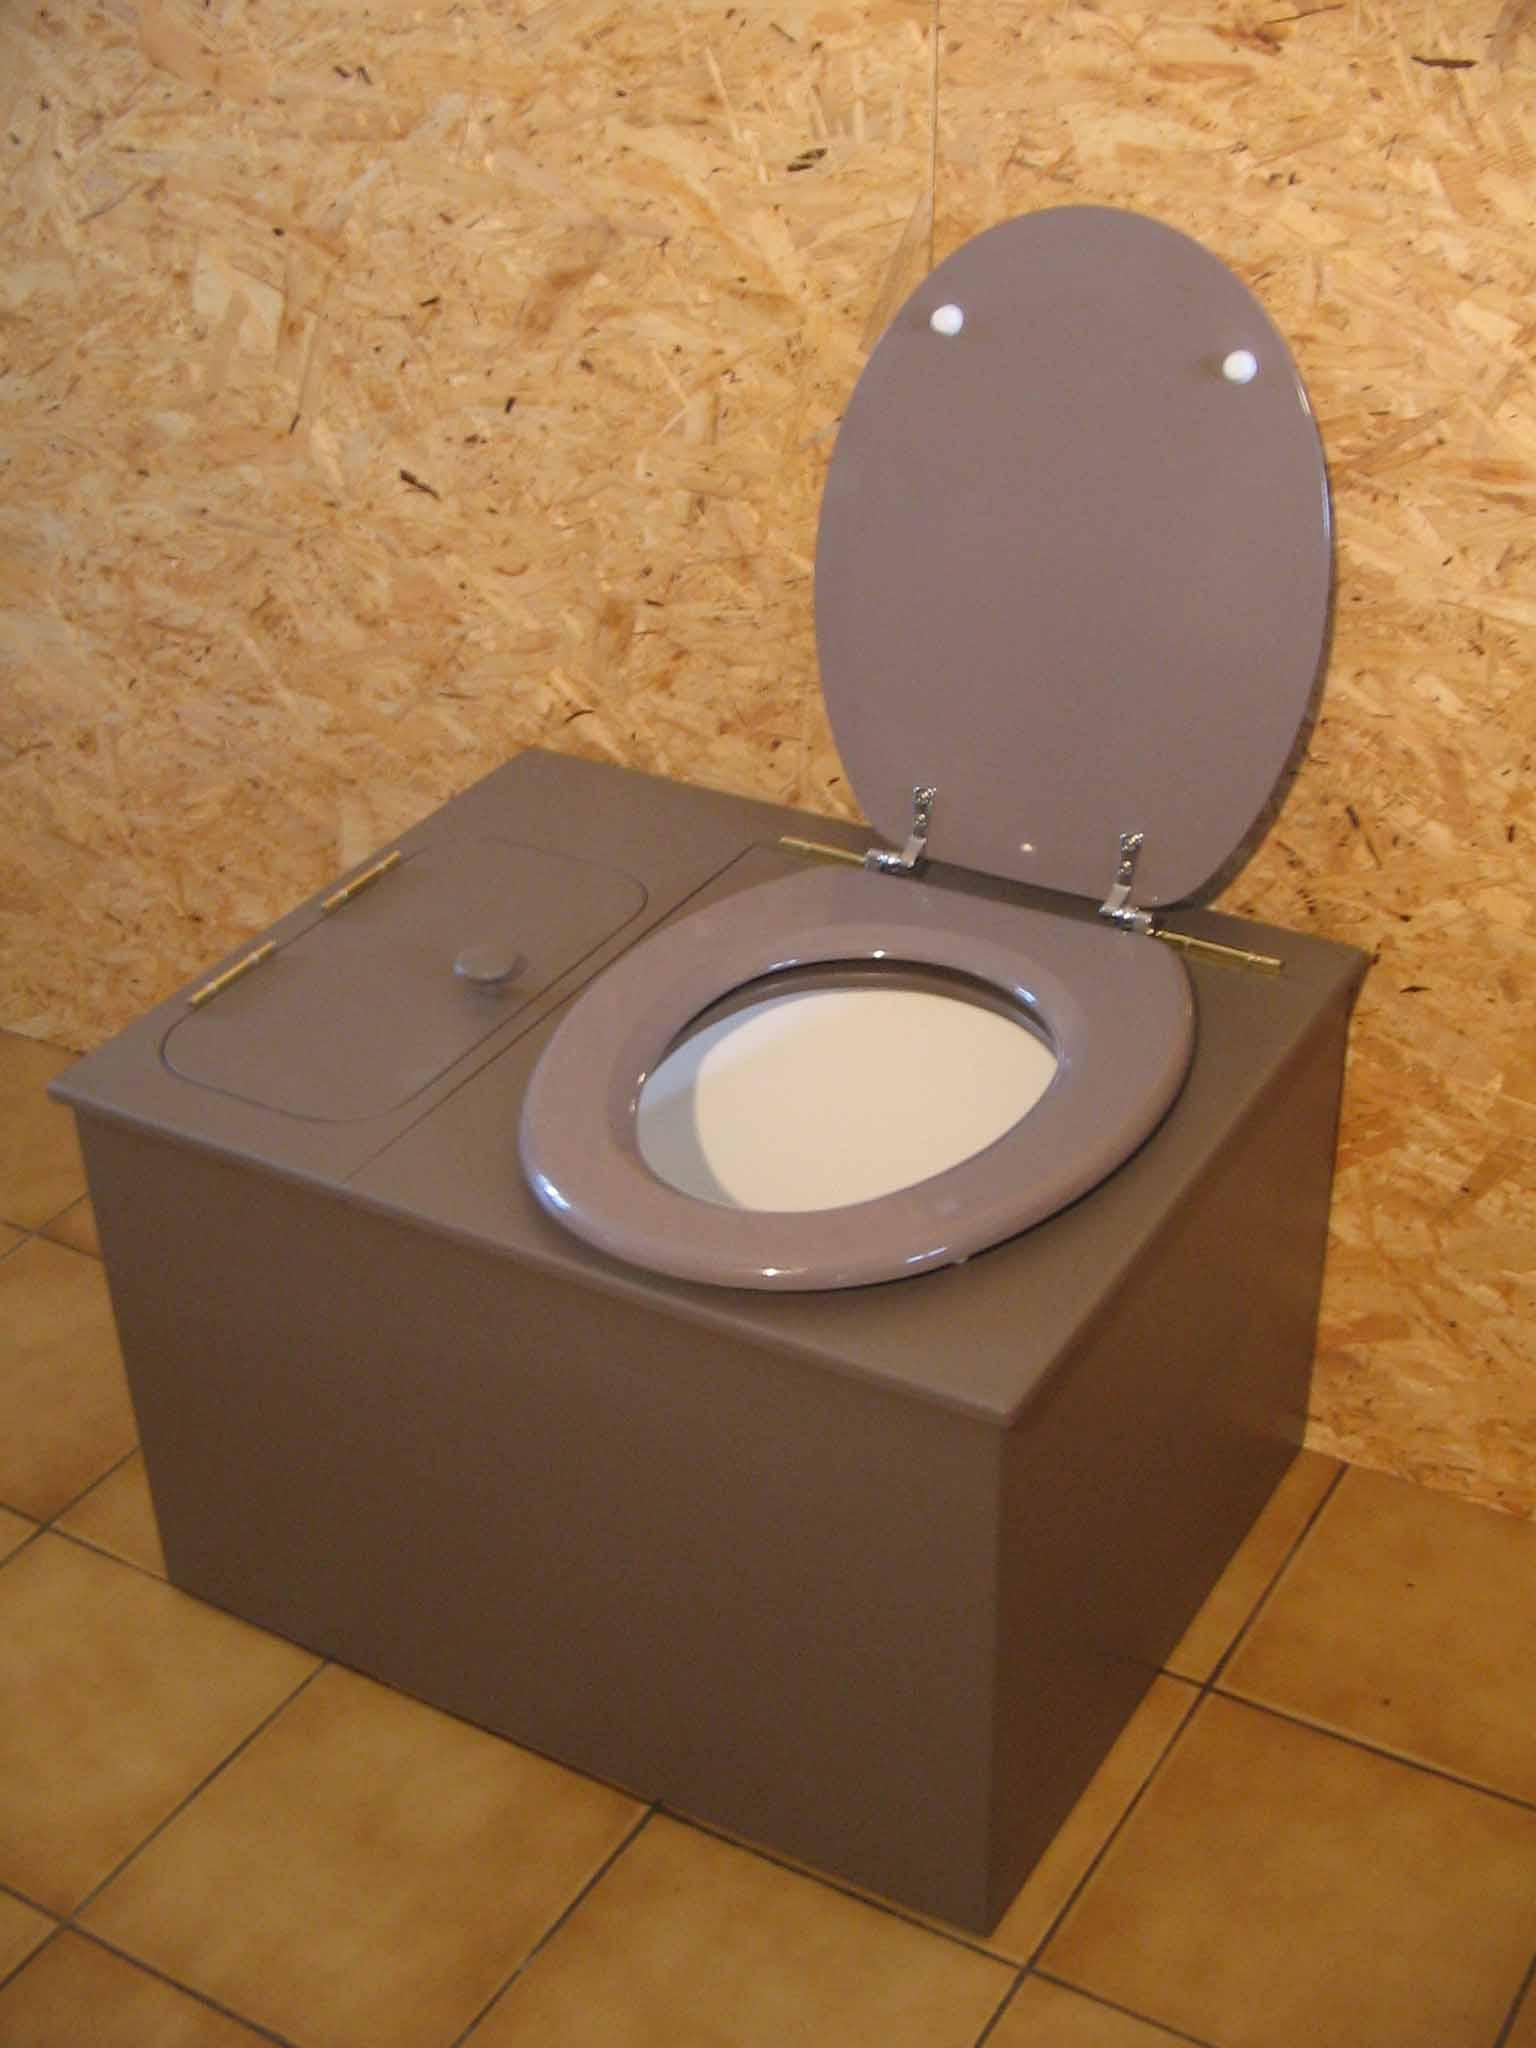 Wc Sec Déja Réalisé | Fabulous Toilettes tout Toilette Seche Reglementation